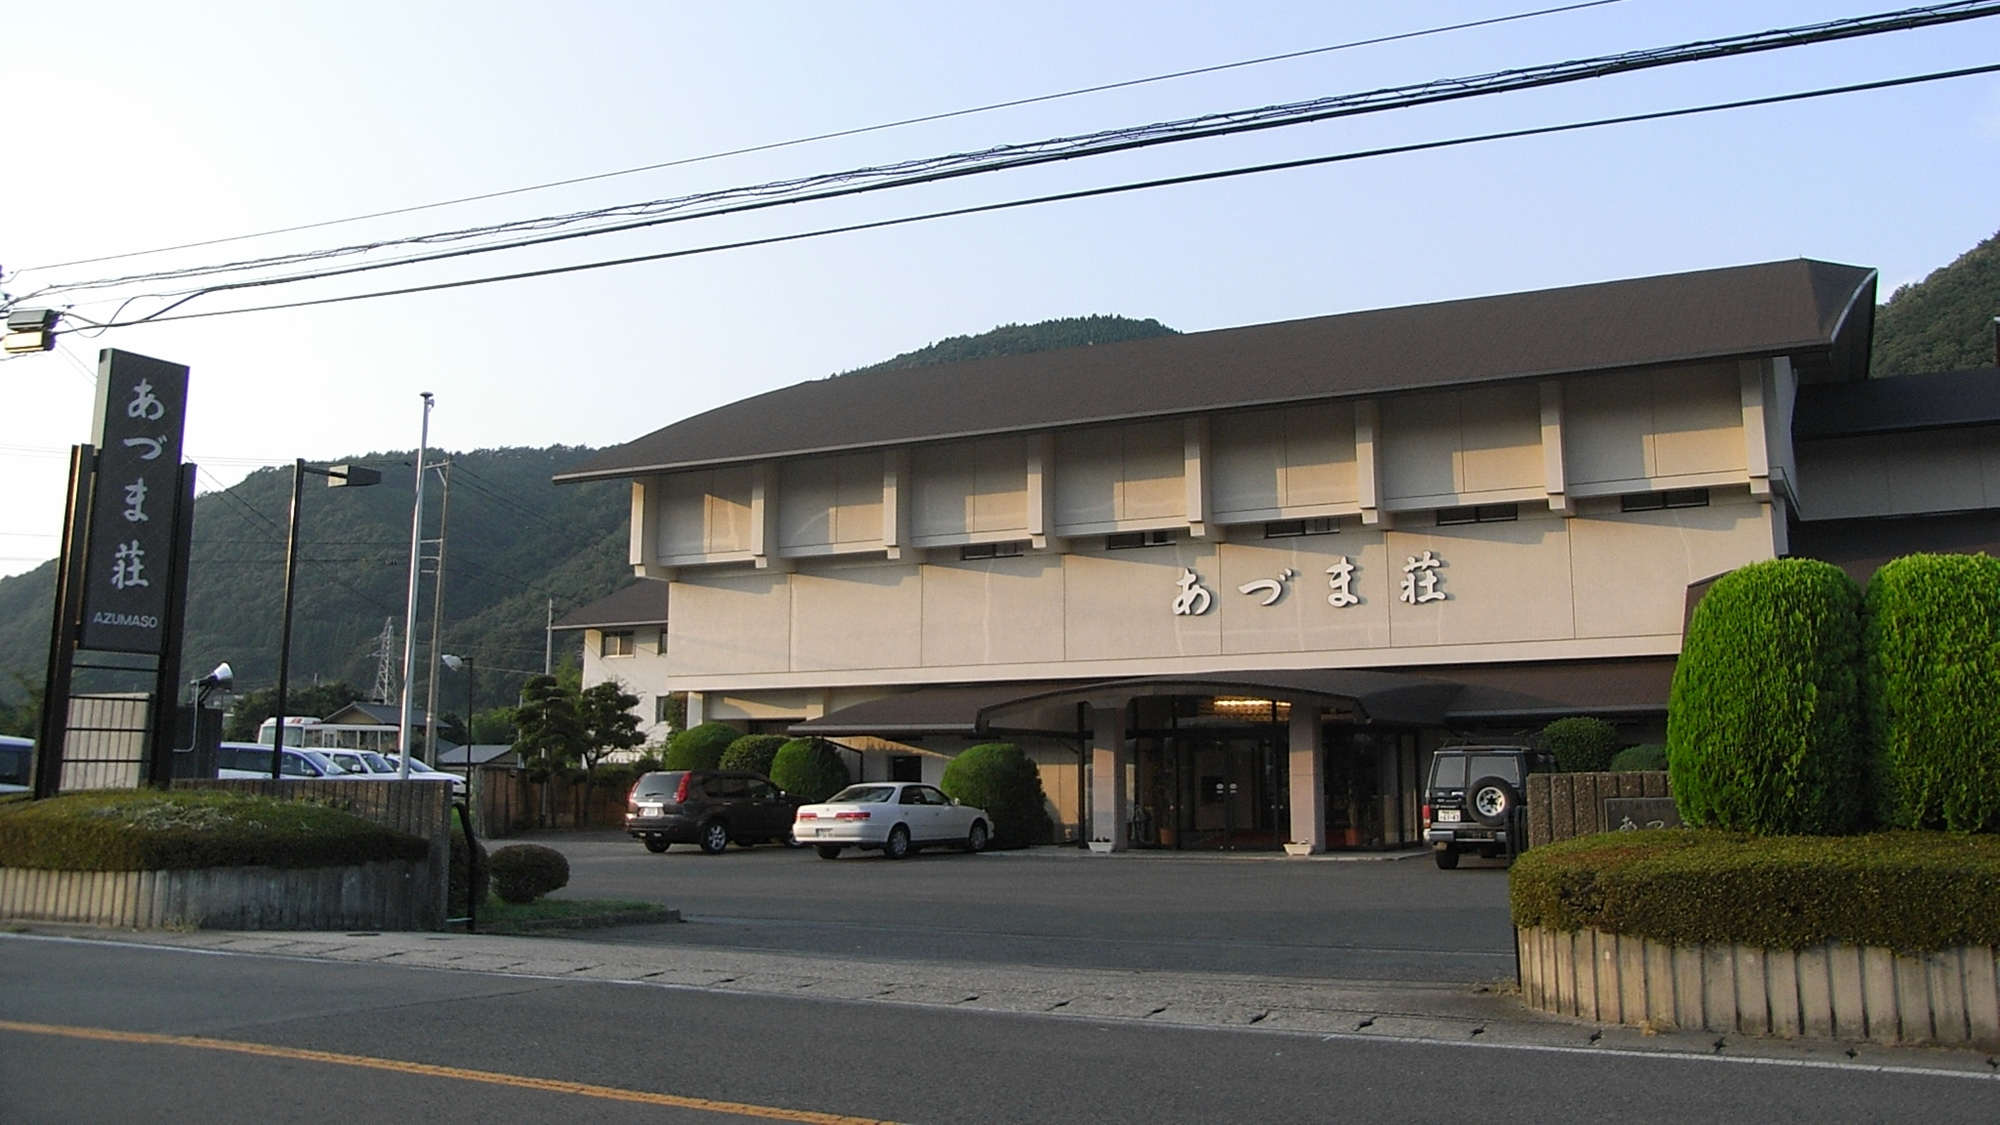 飯坂温泉 公立学校共済組合飯坂保養所 あづま荘...